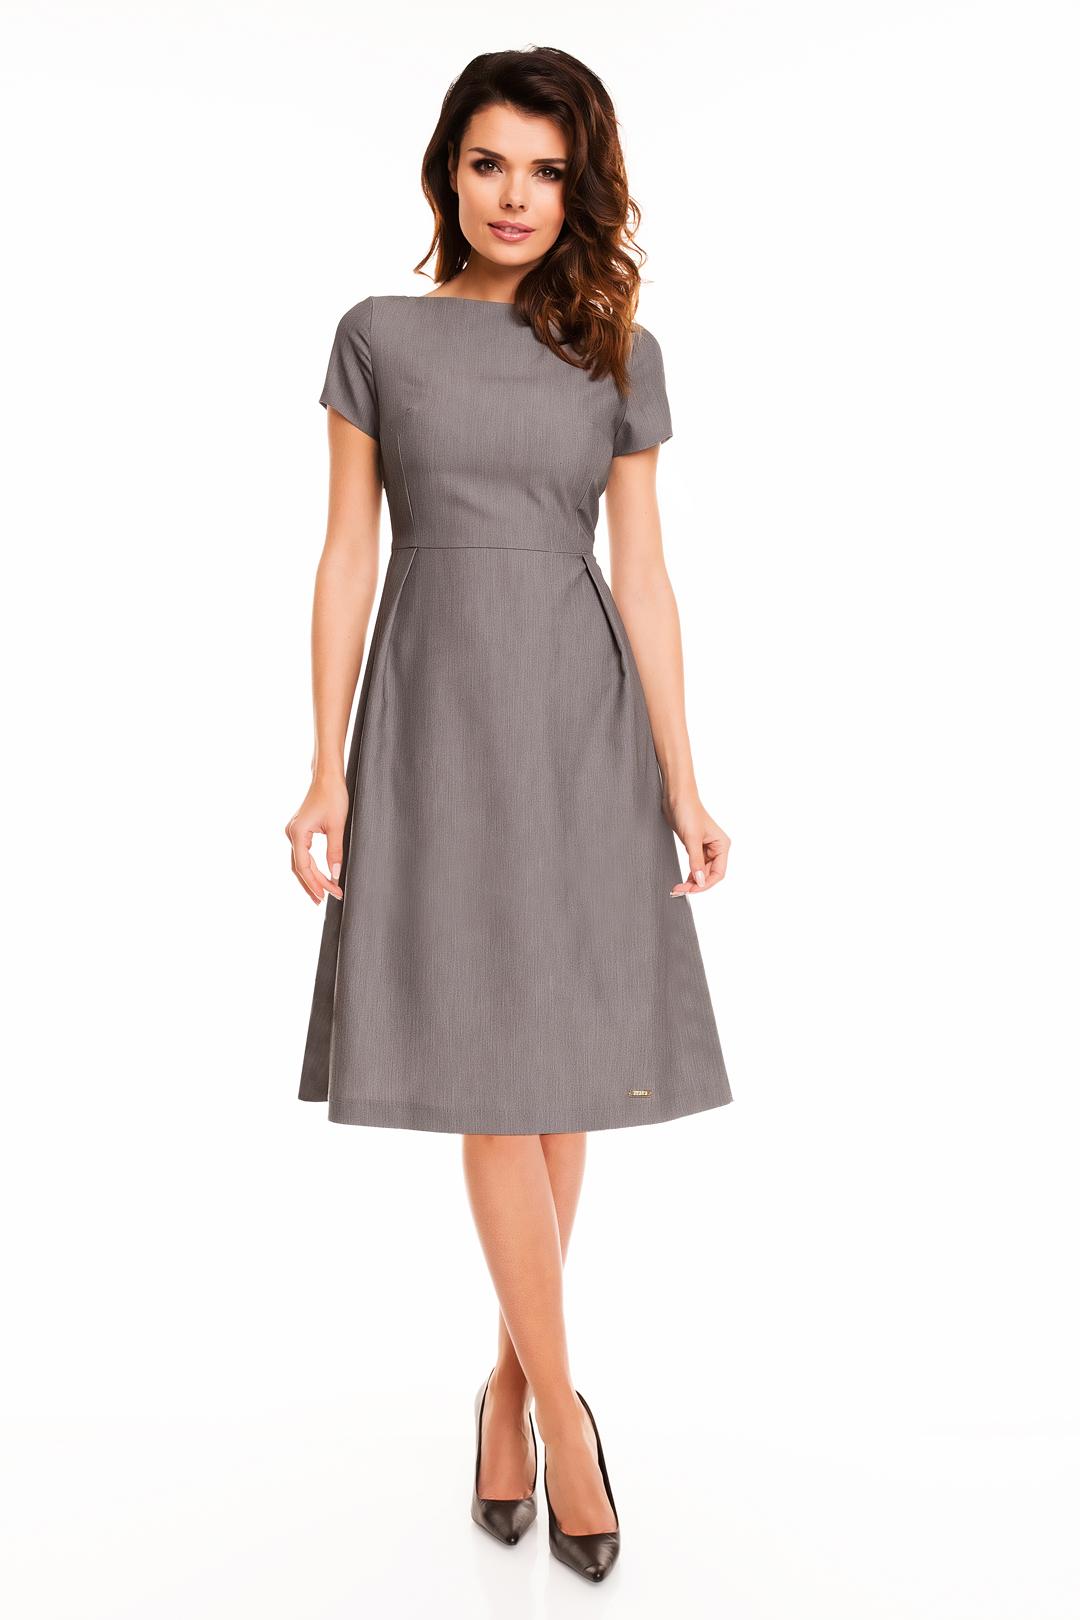 Denní šaty  model 49722 awama